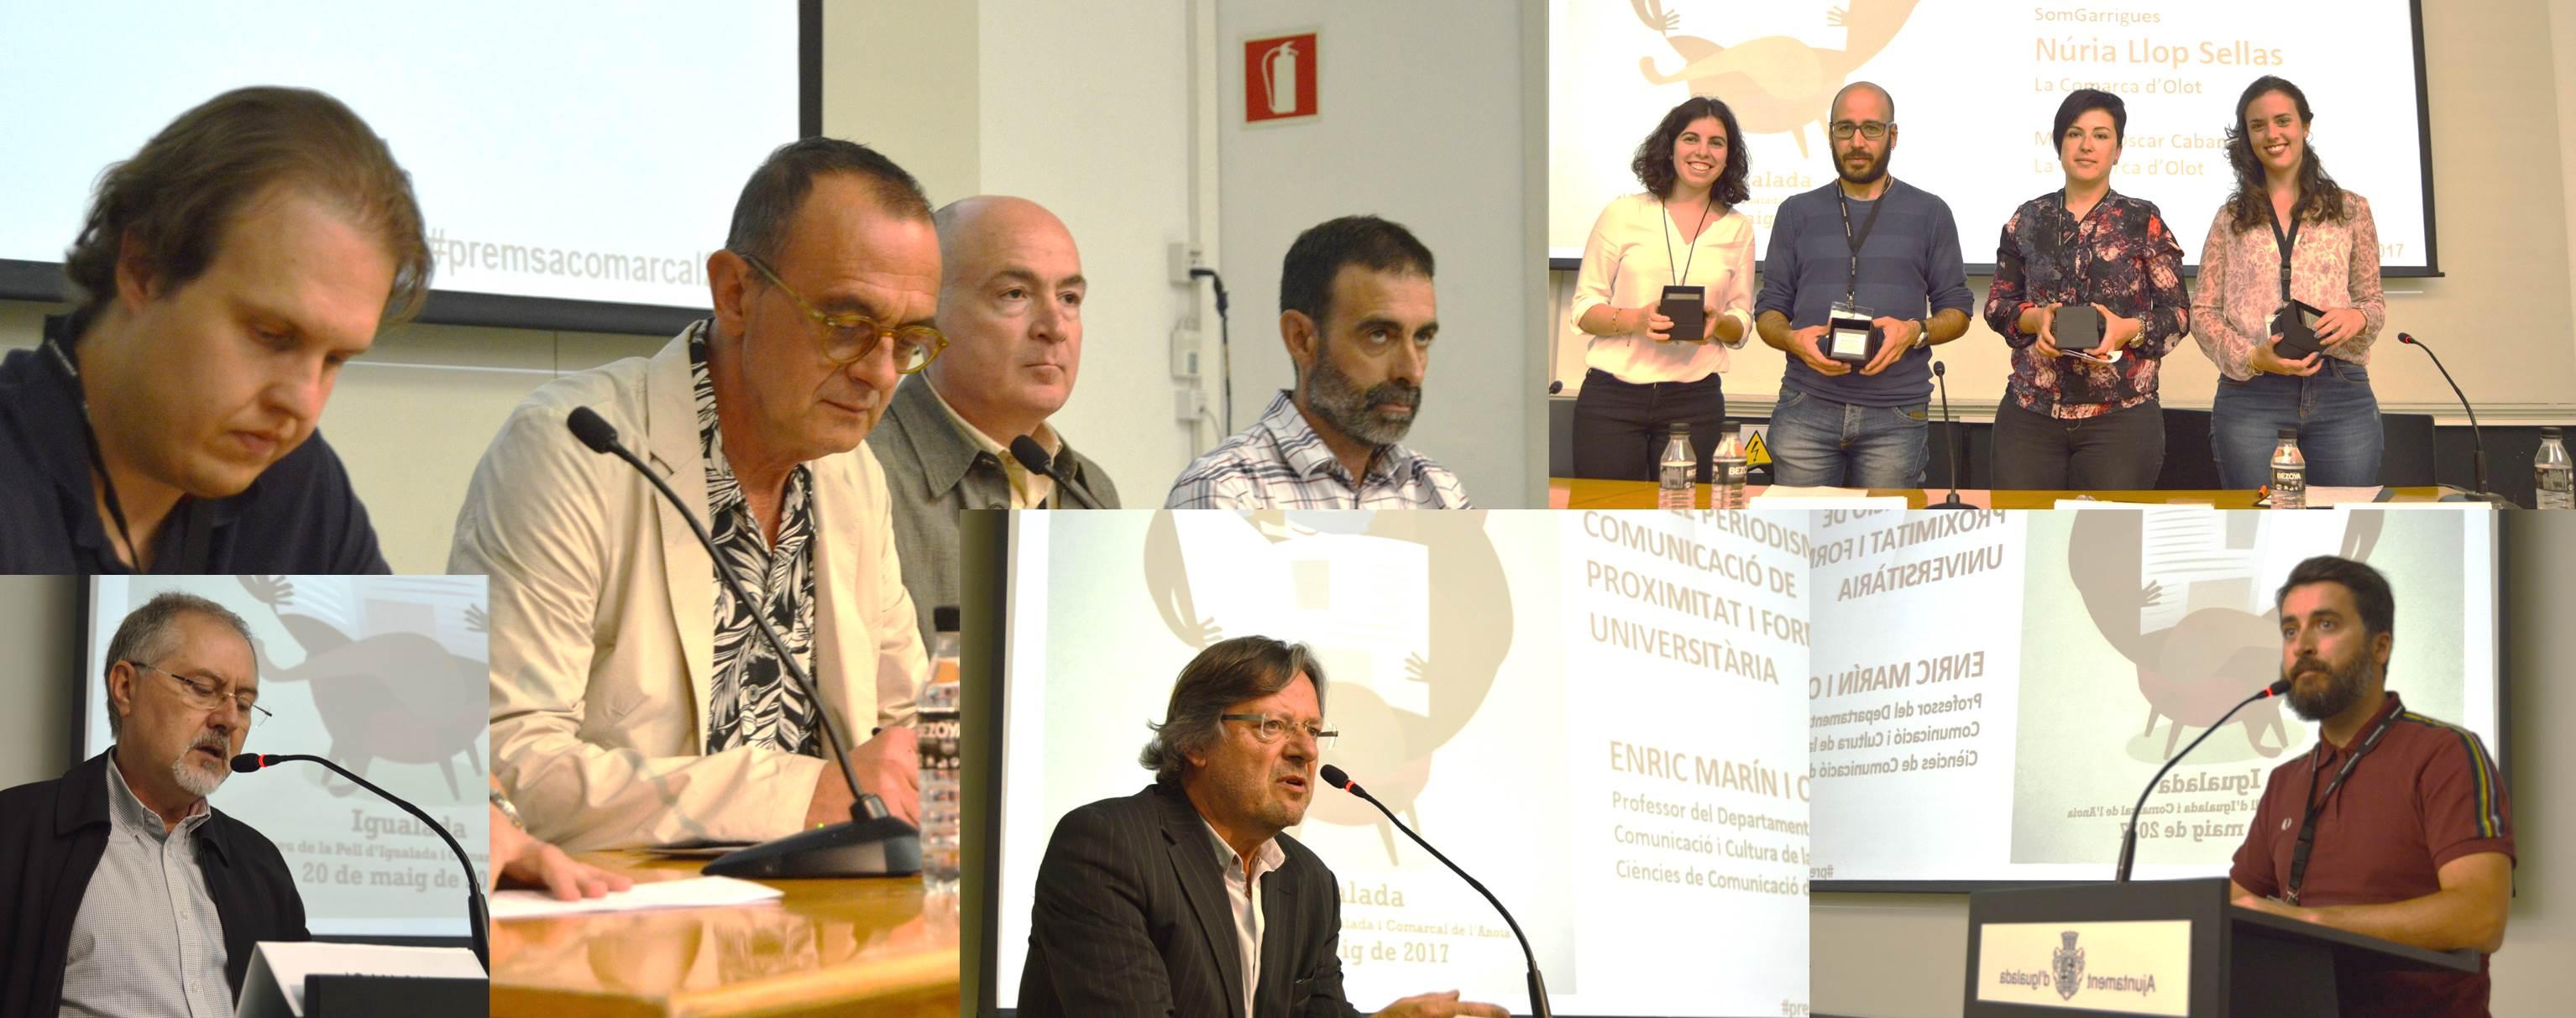 La relació entre jovent, universitat i premsa comarcal a debat a Igualada